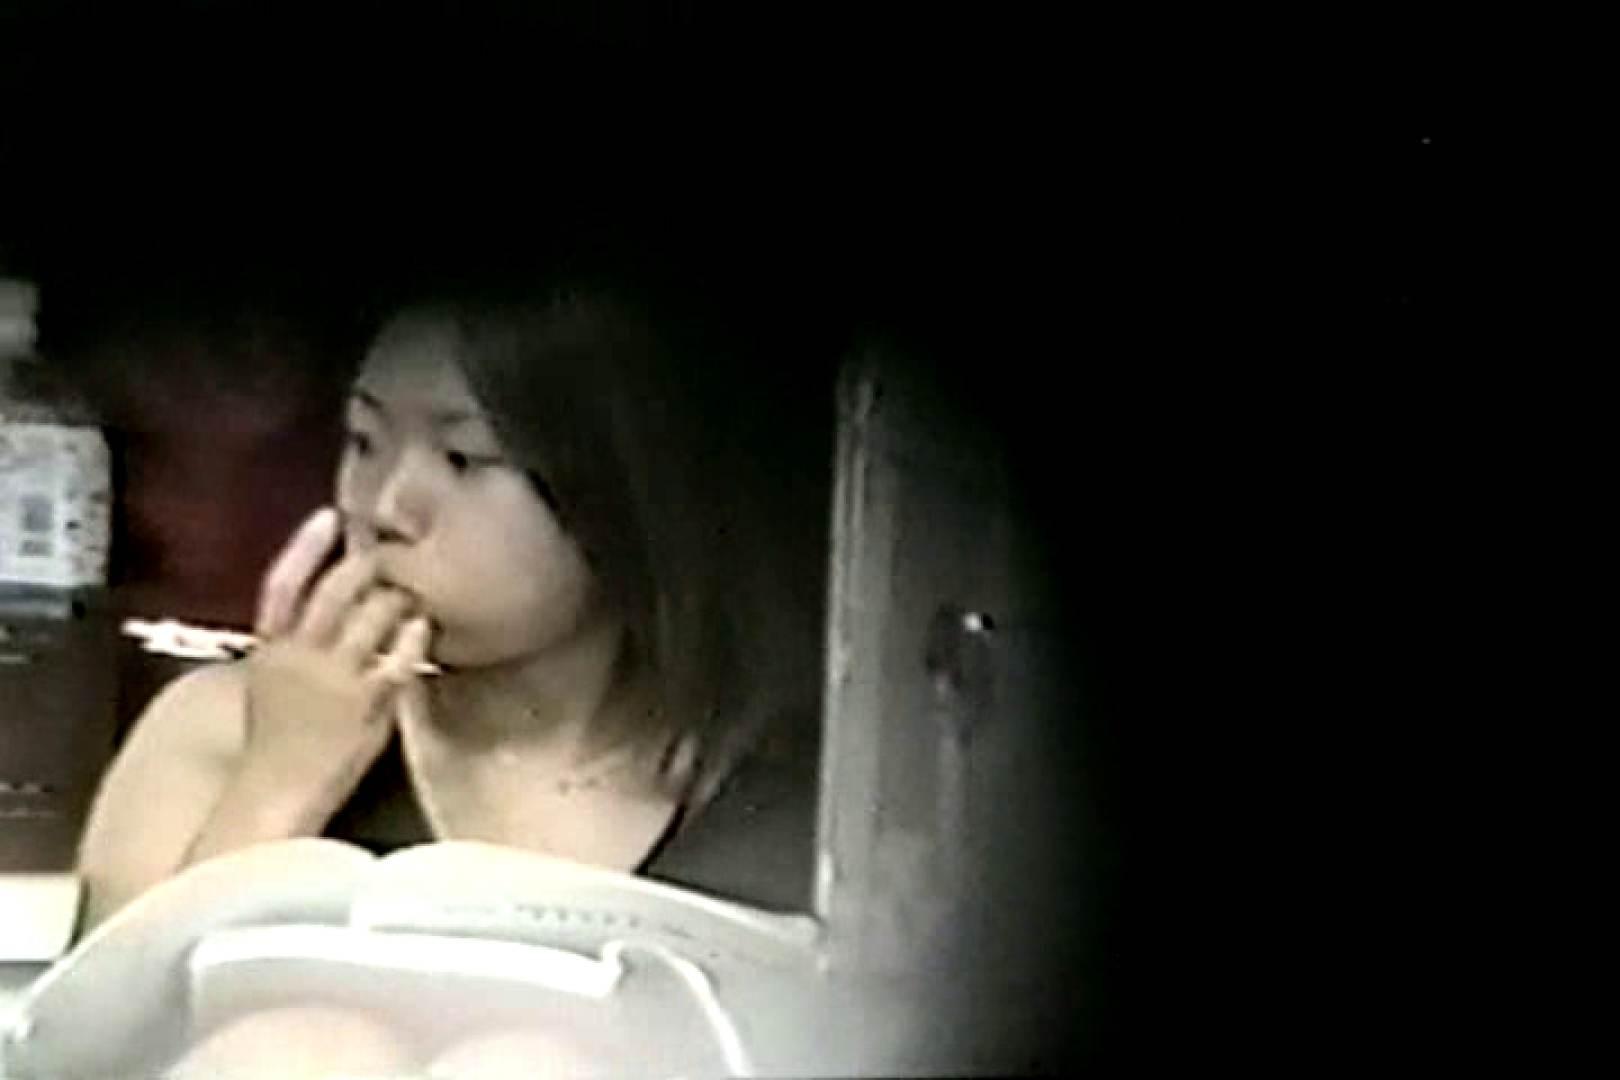 深夜の撮影会Vol.6 民家 | 企画  94連発 86